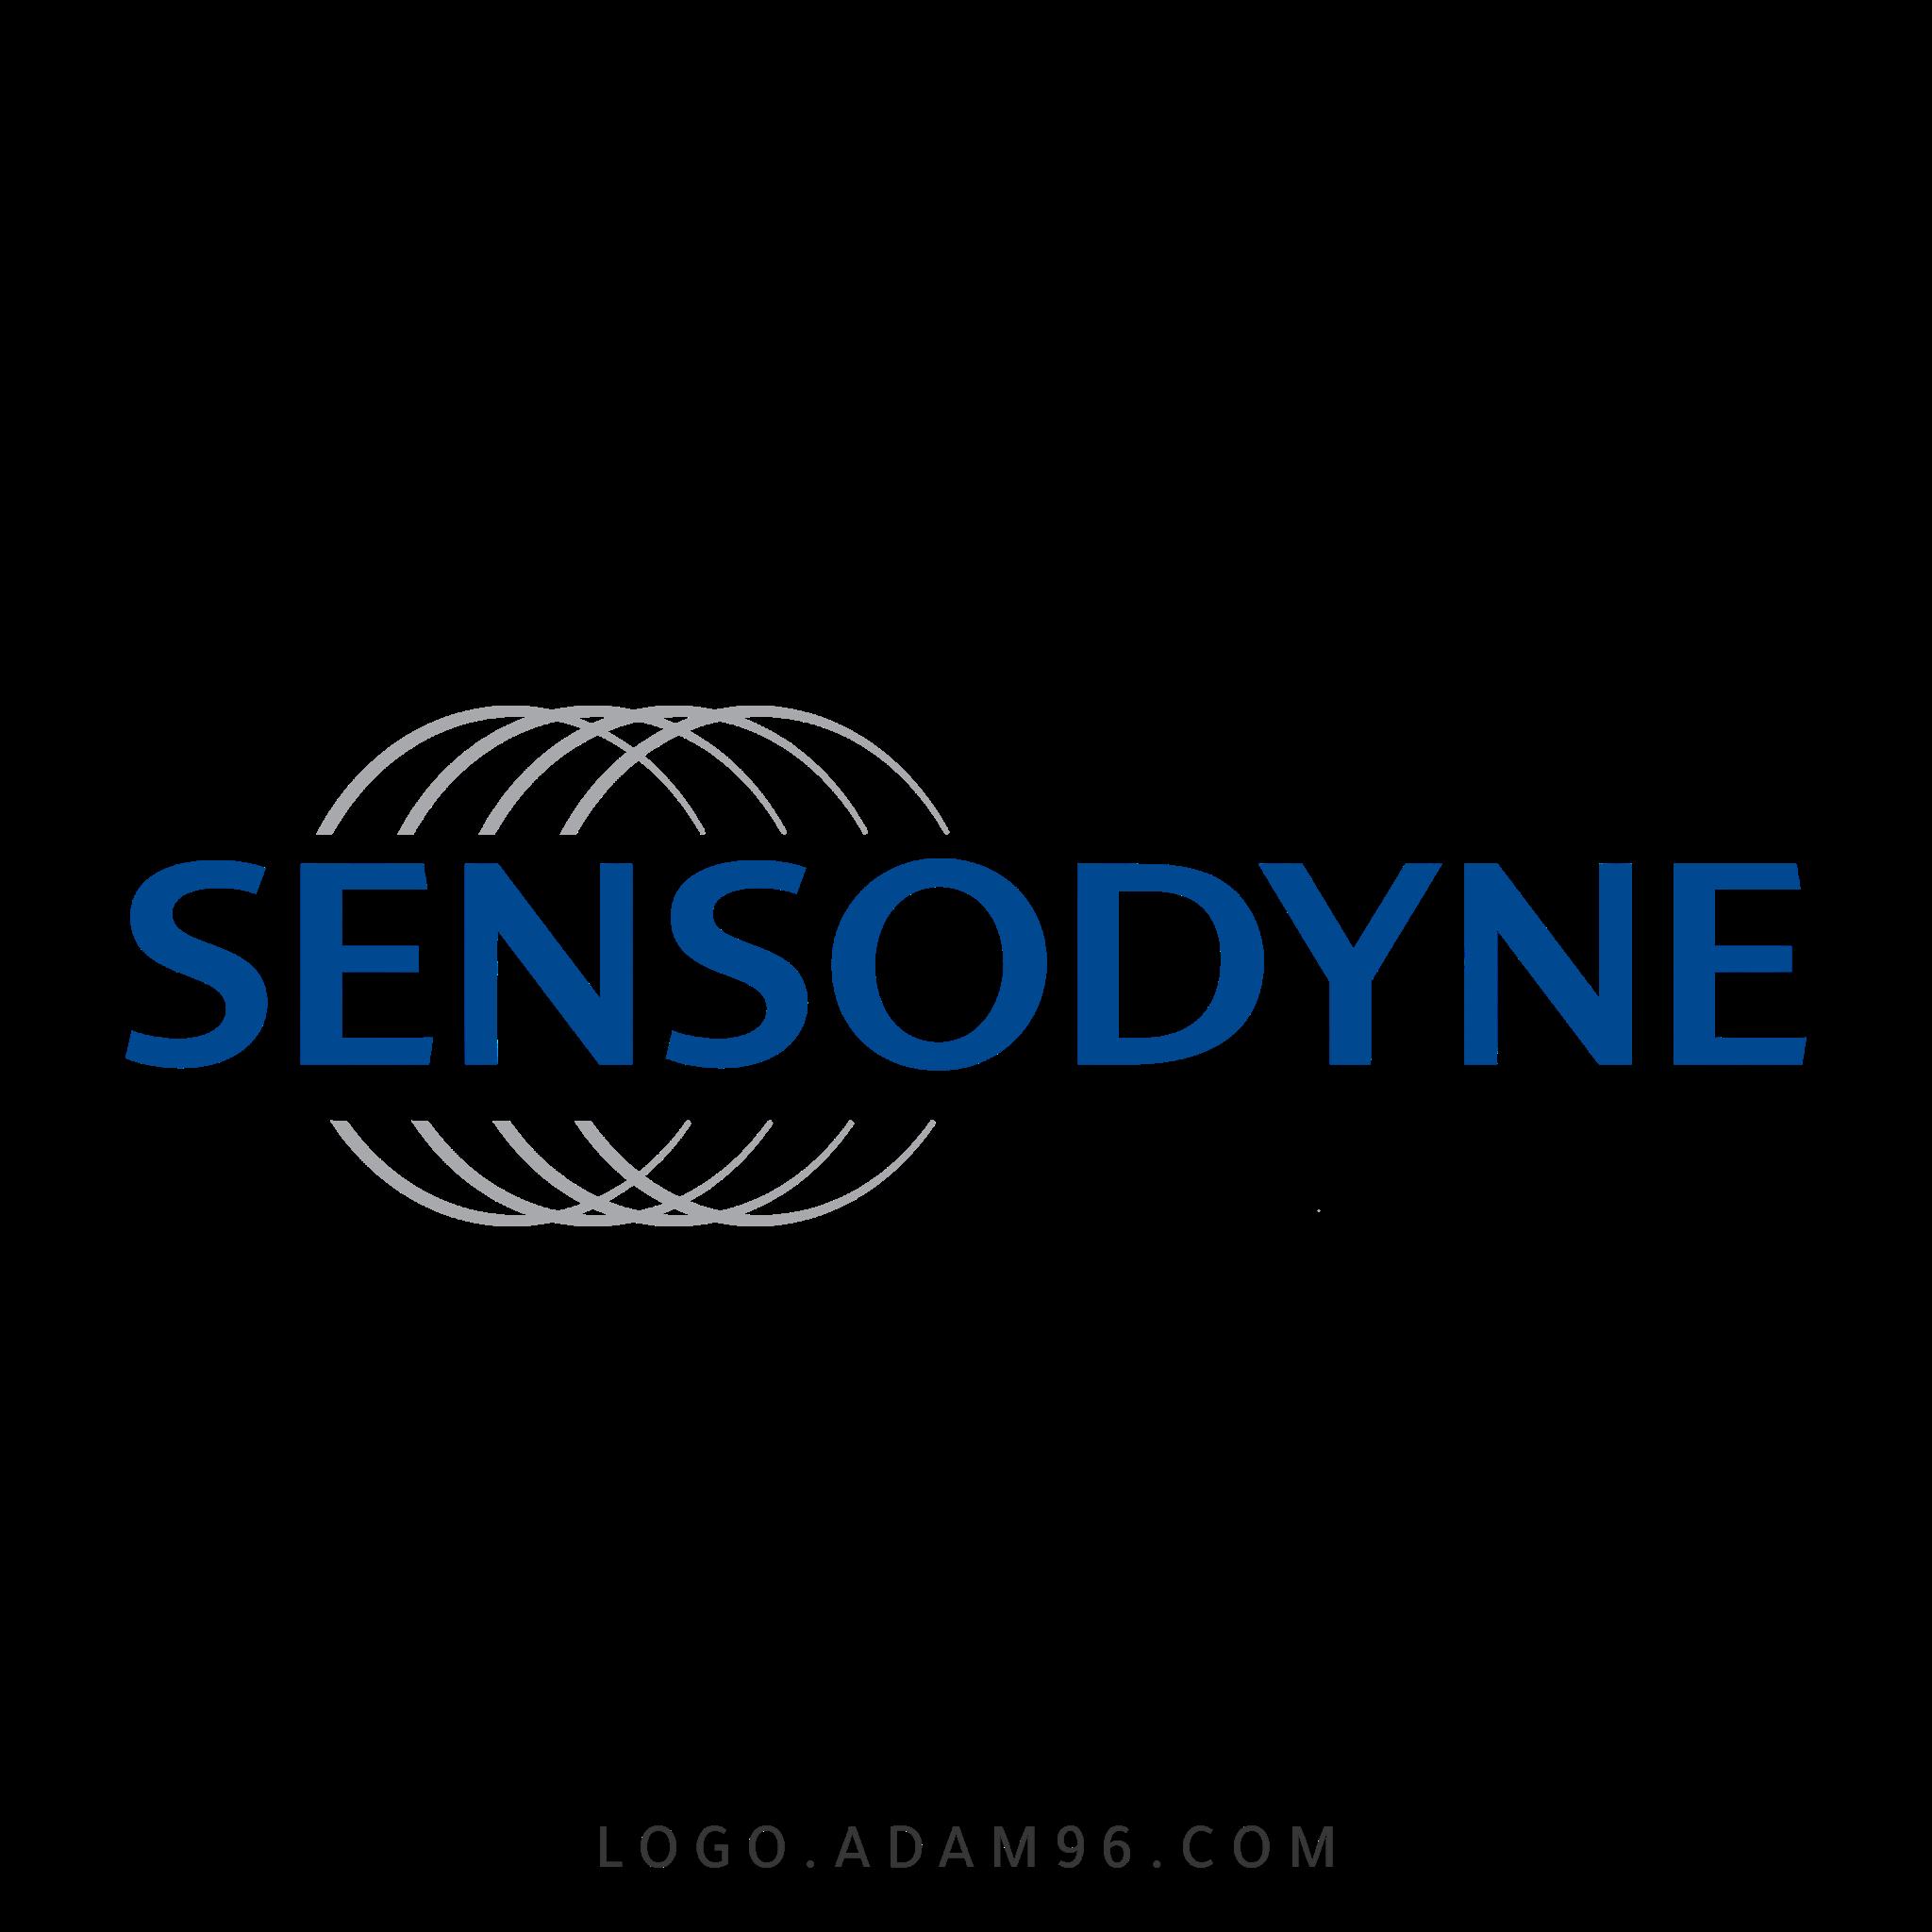 تحميل شعار شركة معجون اسنان سنسوداين لوجو اصلي بصيغة شفافة Logo Sensodyne PNG